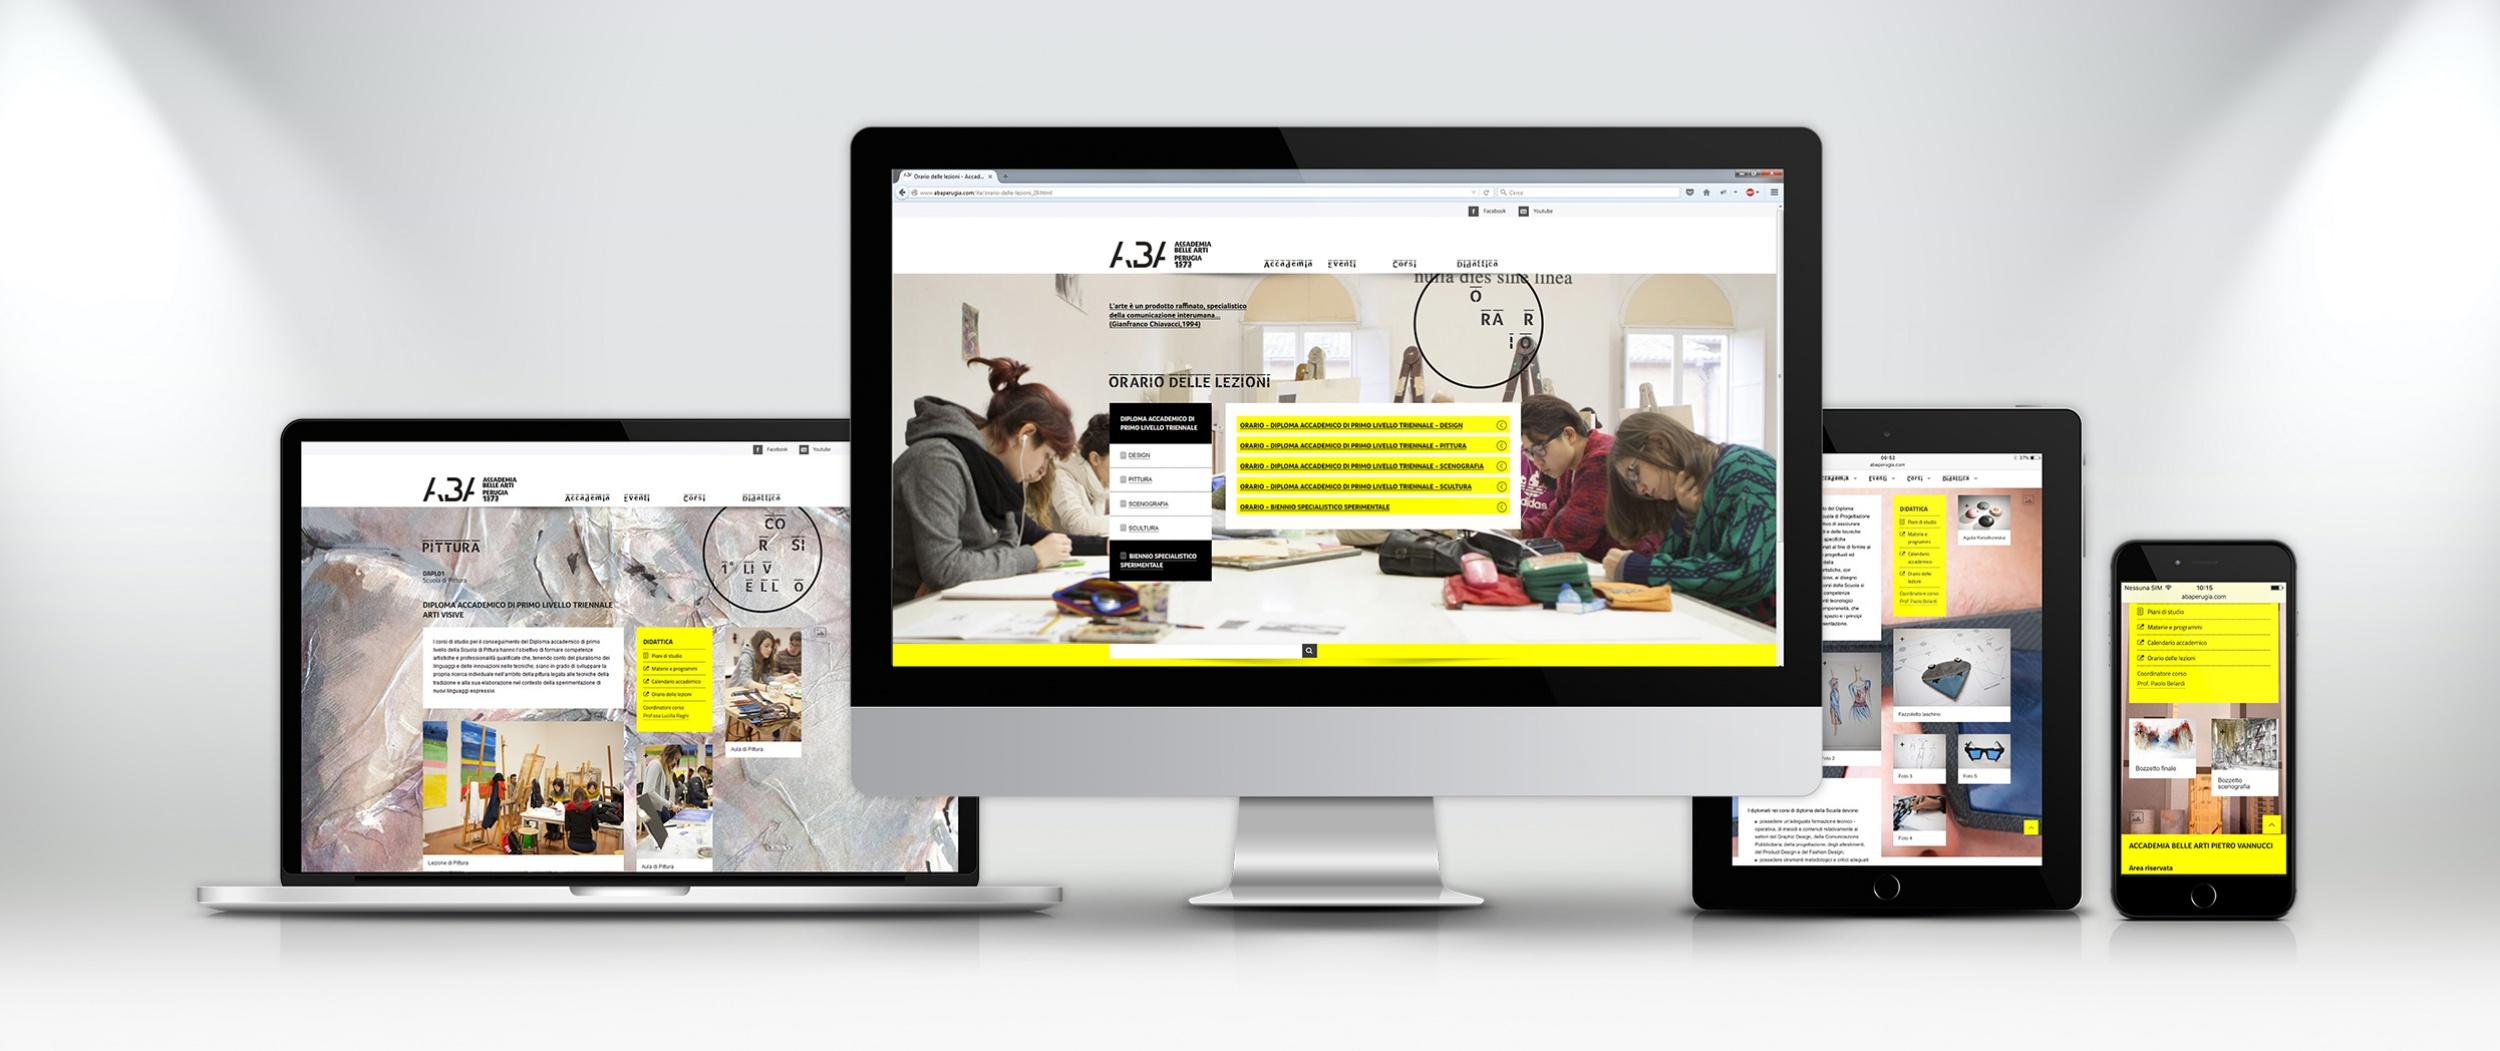 Web Design | Siti grafica personalizzata a Perugia